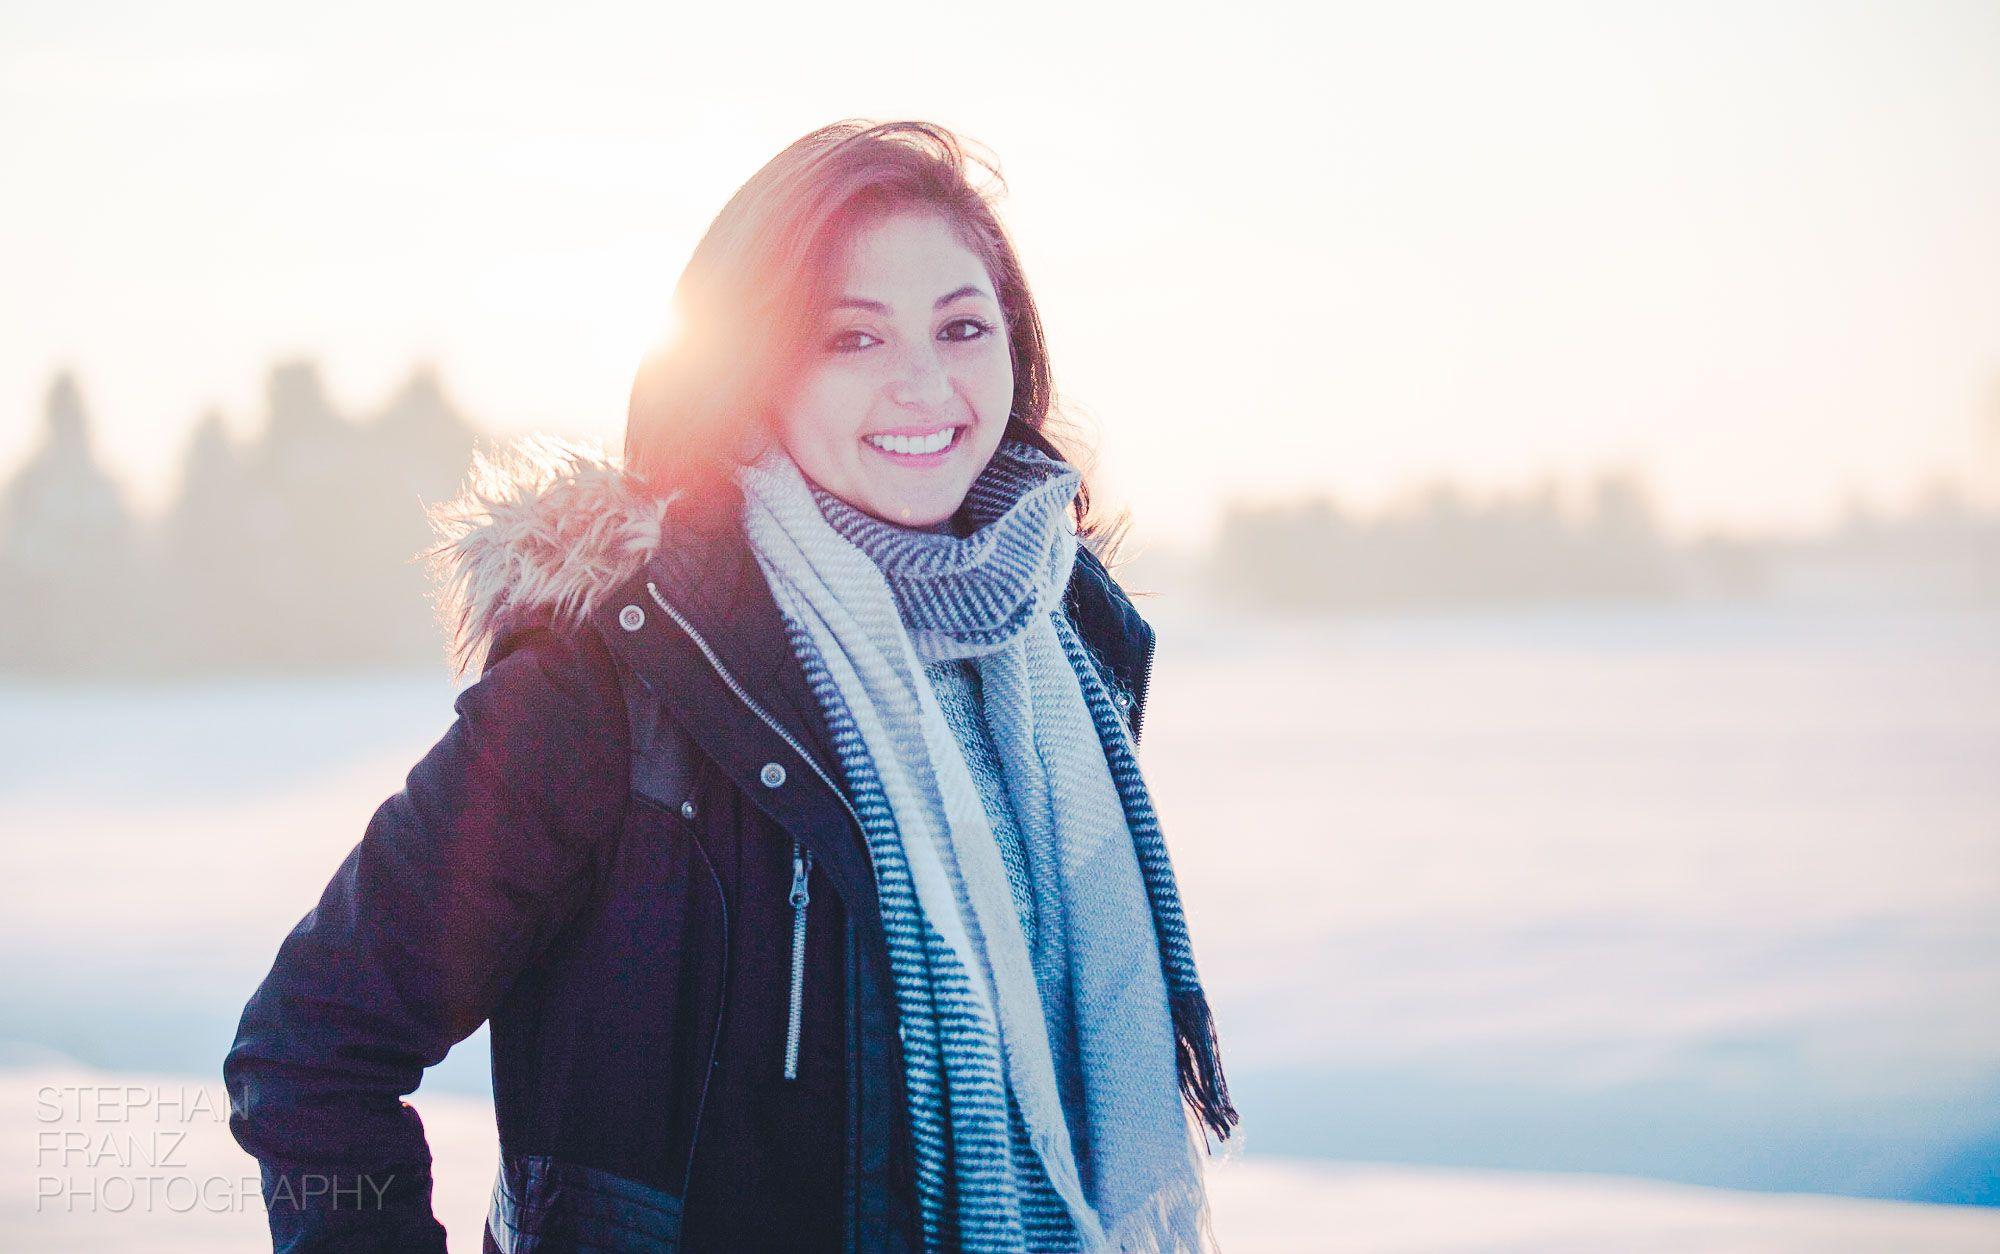 Winterspaziergang mit Angela in Beyharting bei Tuntenhausen im Alpenvorland in Bayern - Fotograf Stephan Franz Photography aus Rosenheim-21